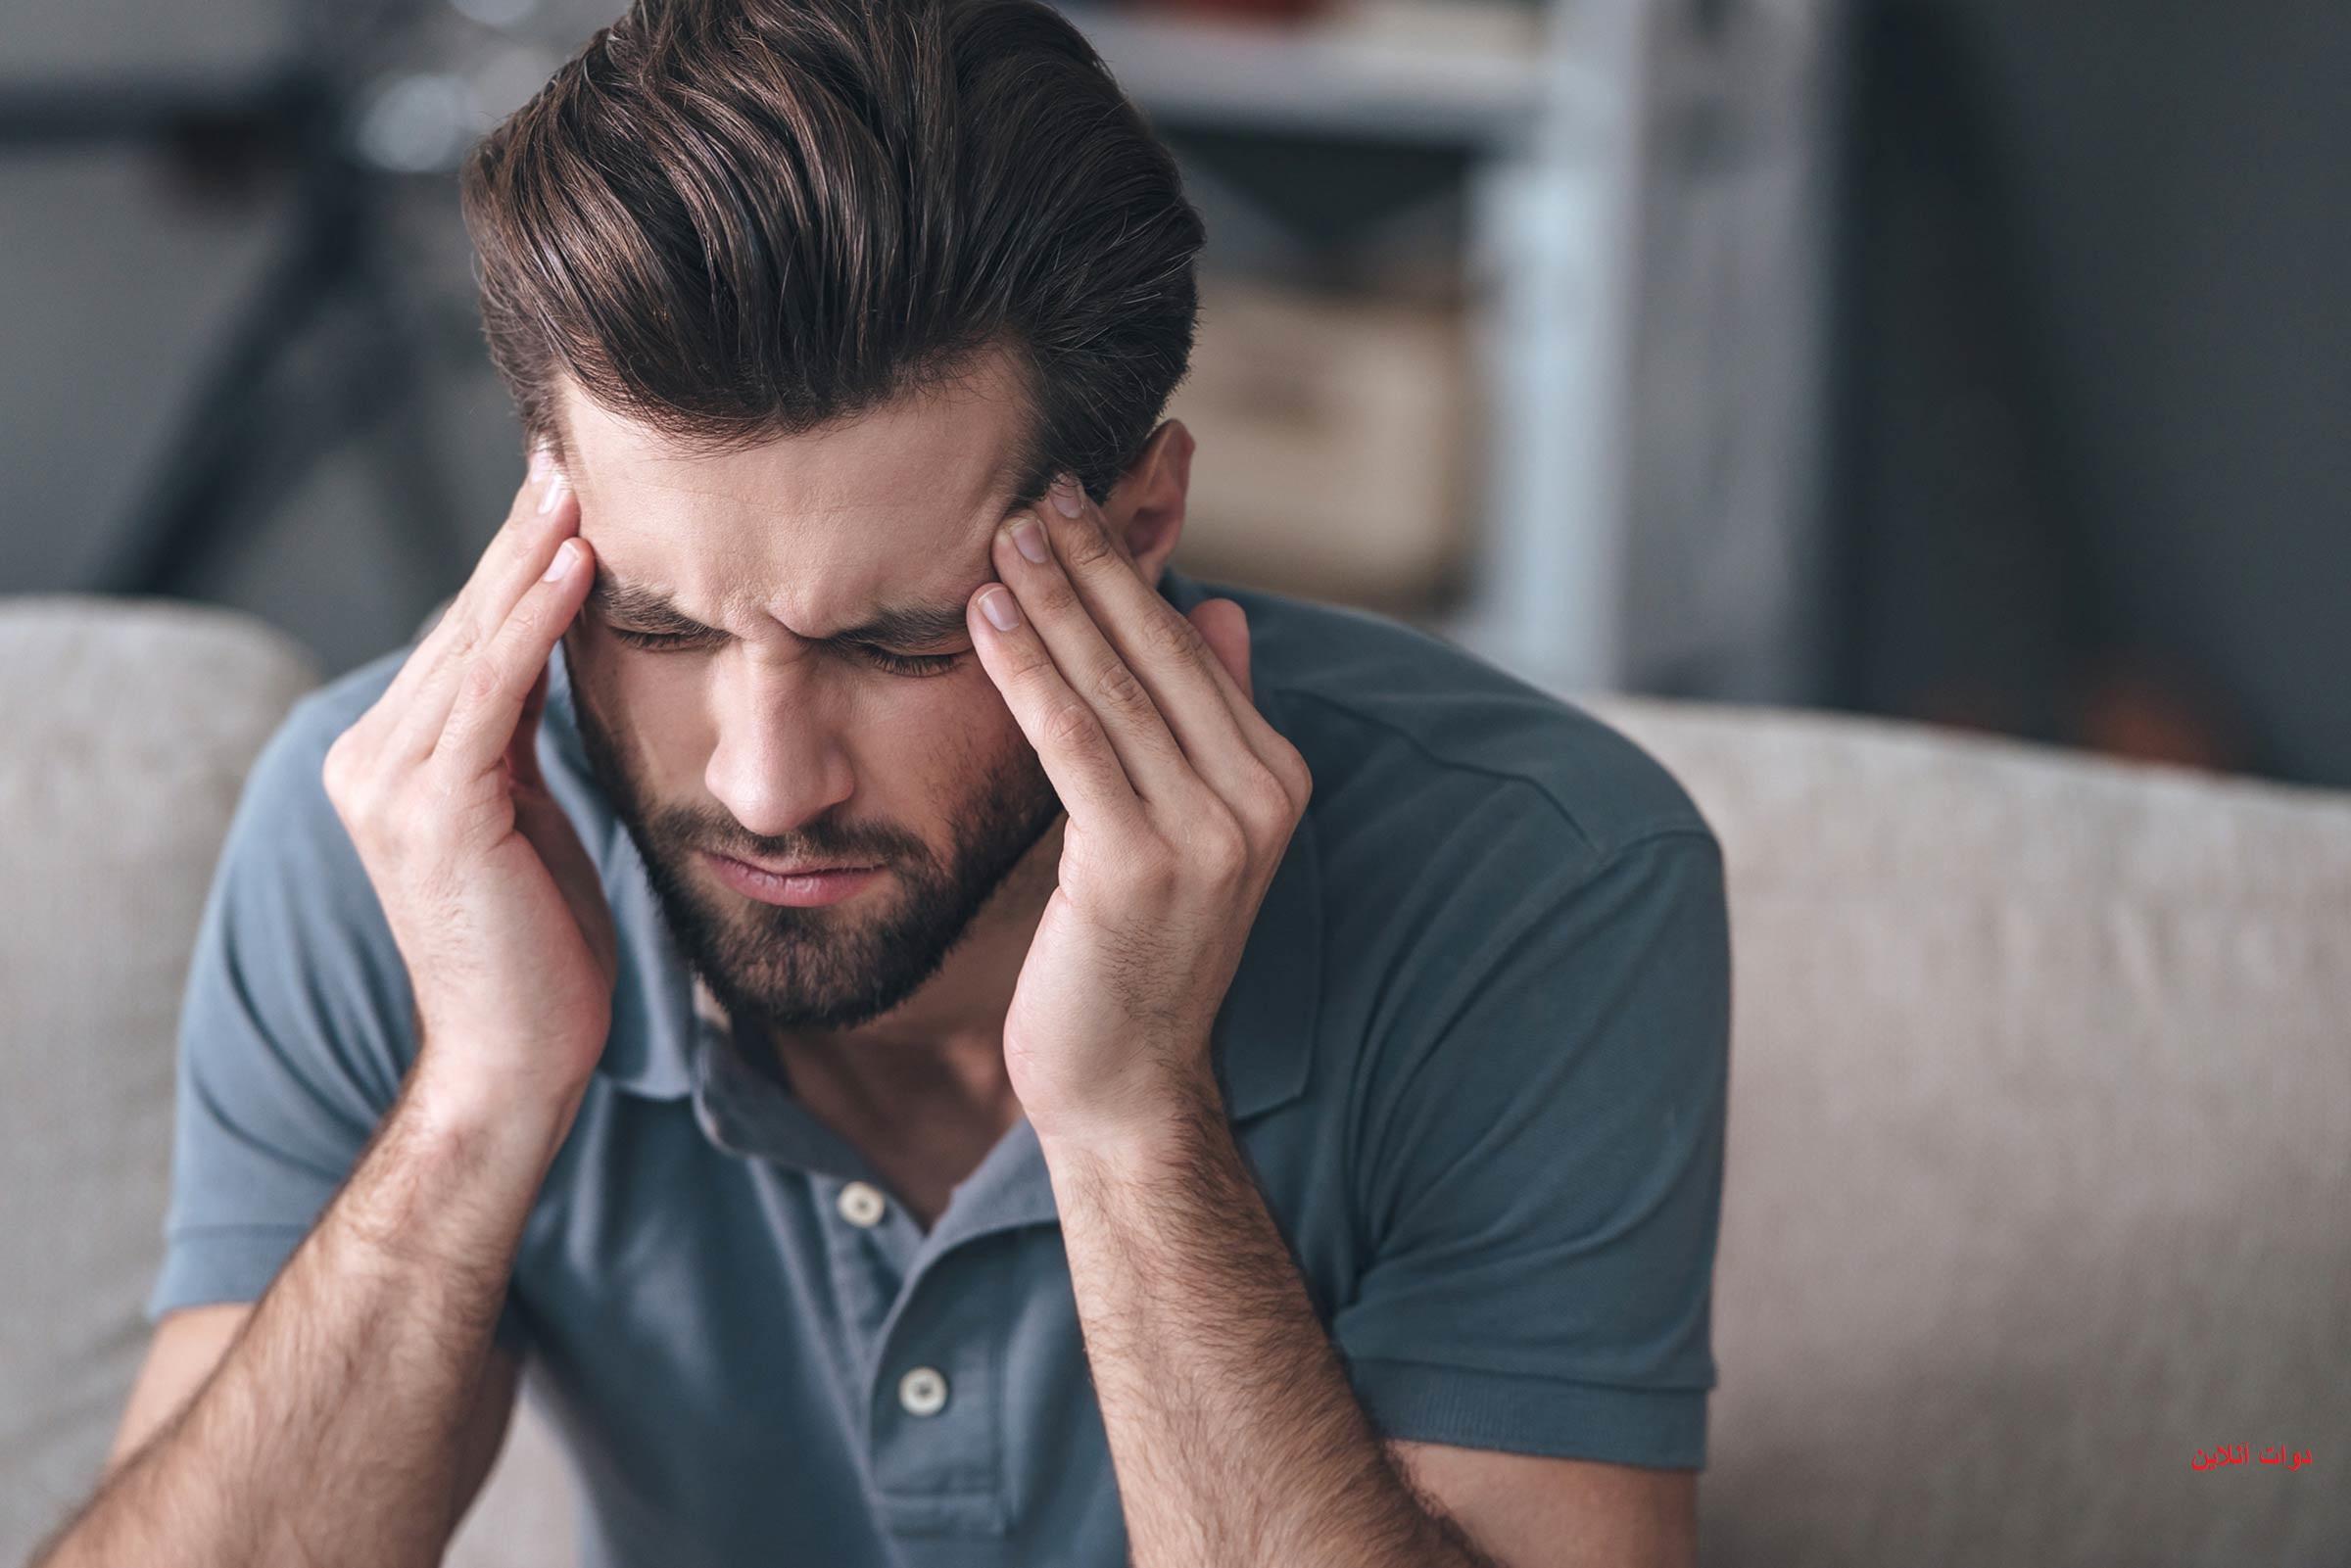 دلایل اضطراب چیست و چگونه میتوانیم از شر آن خلاص شویم؟